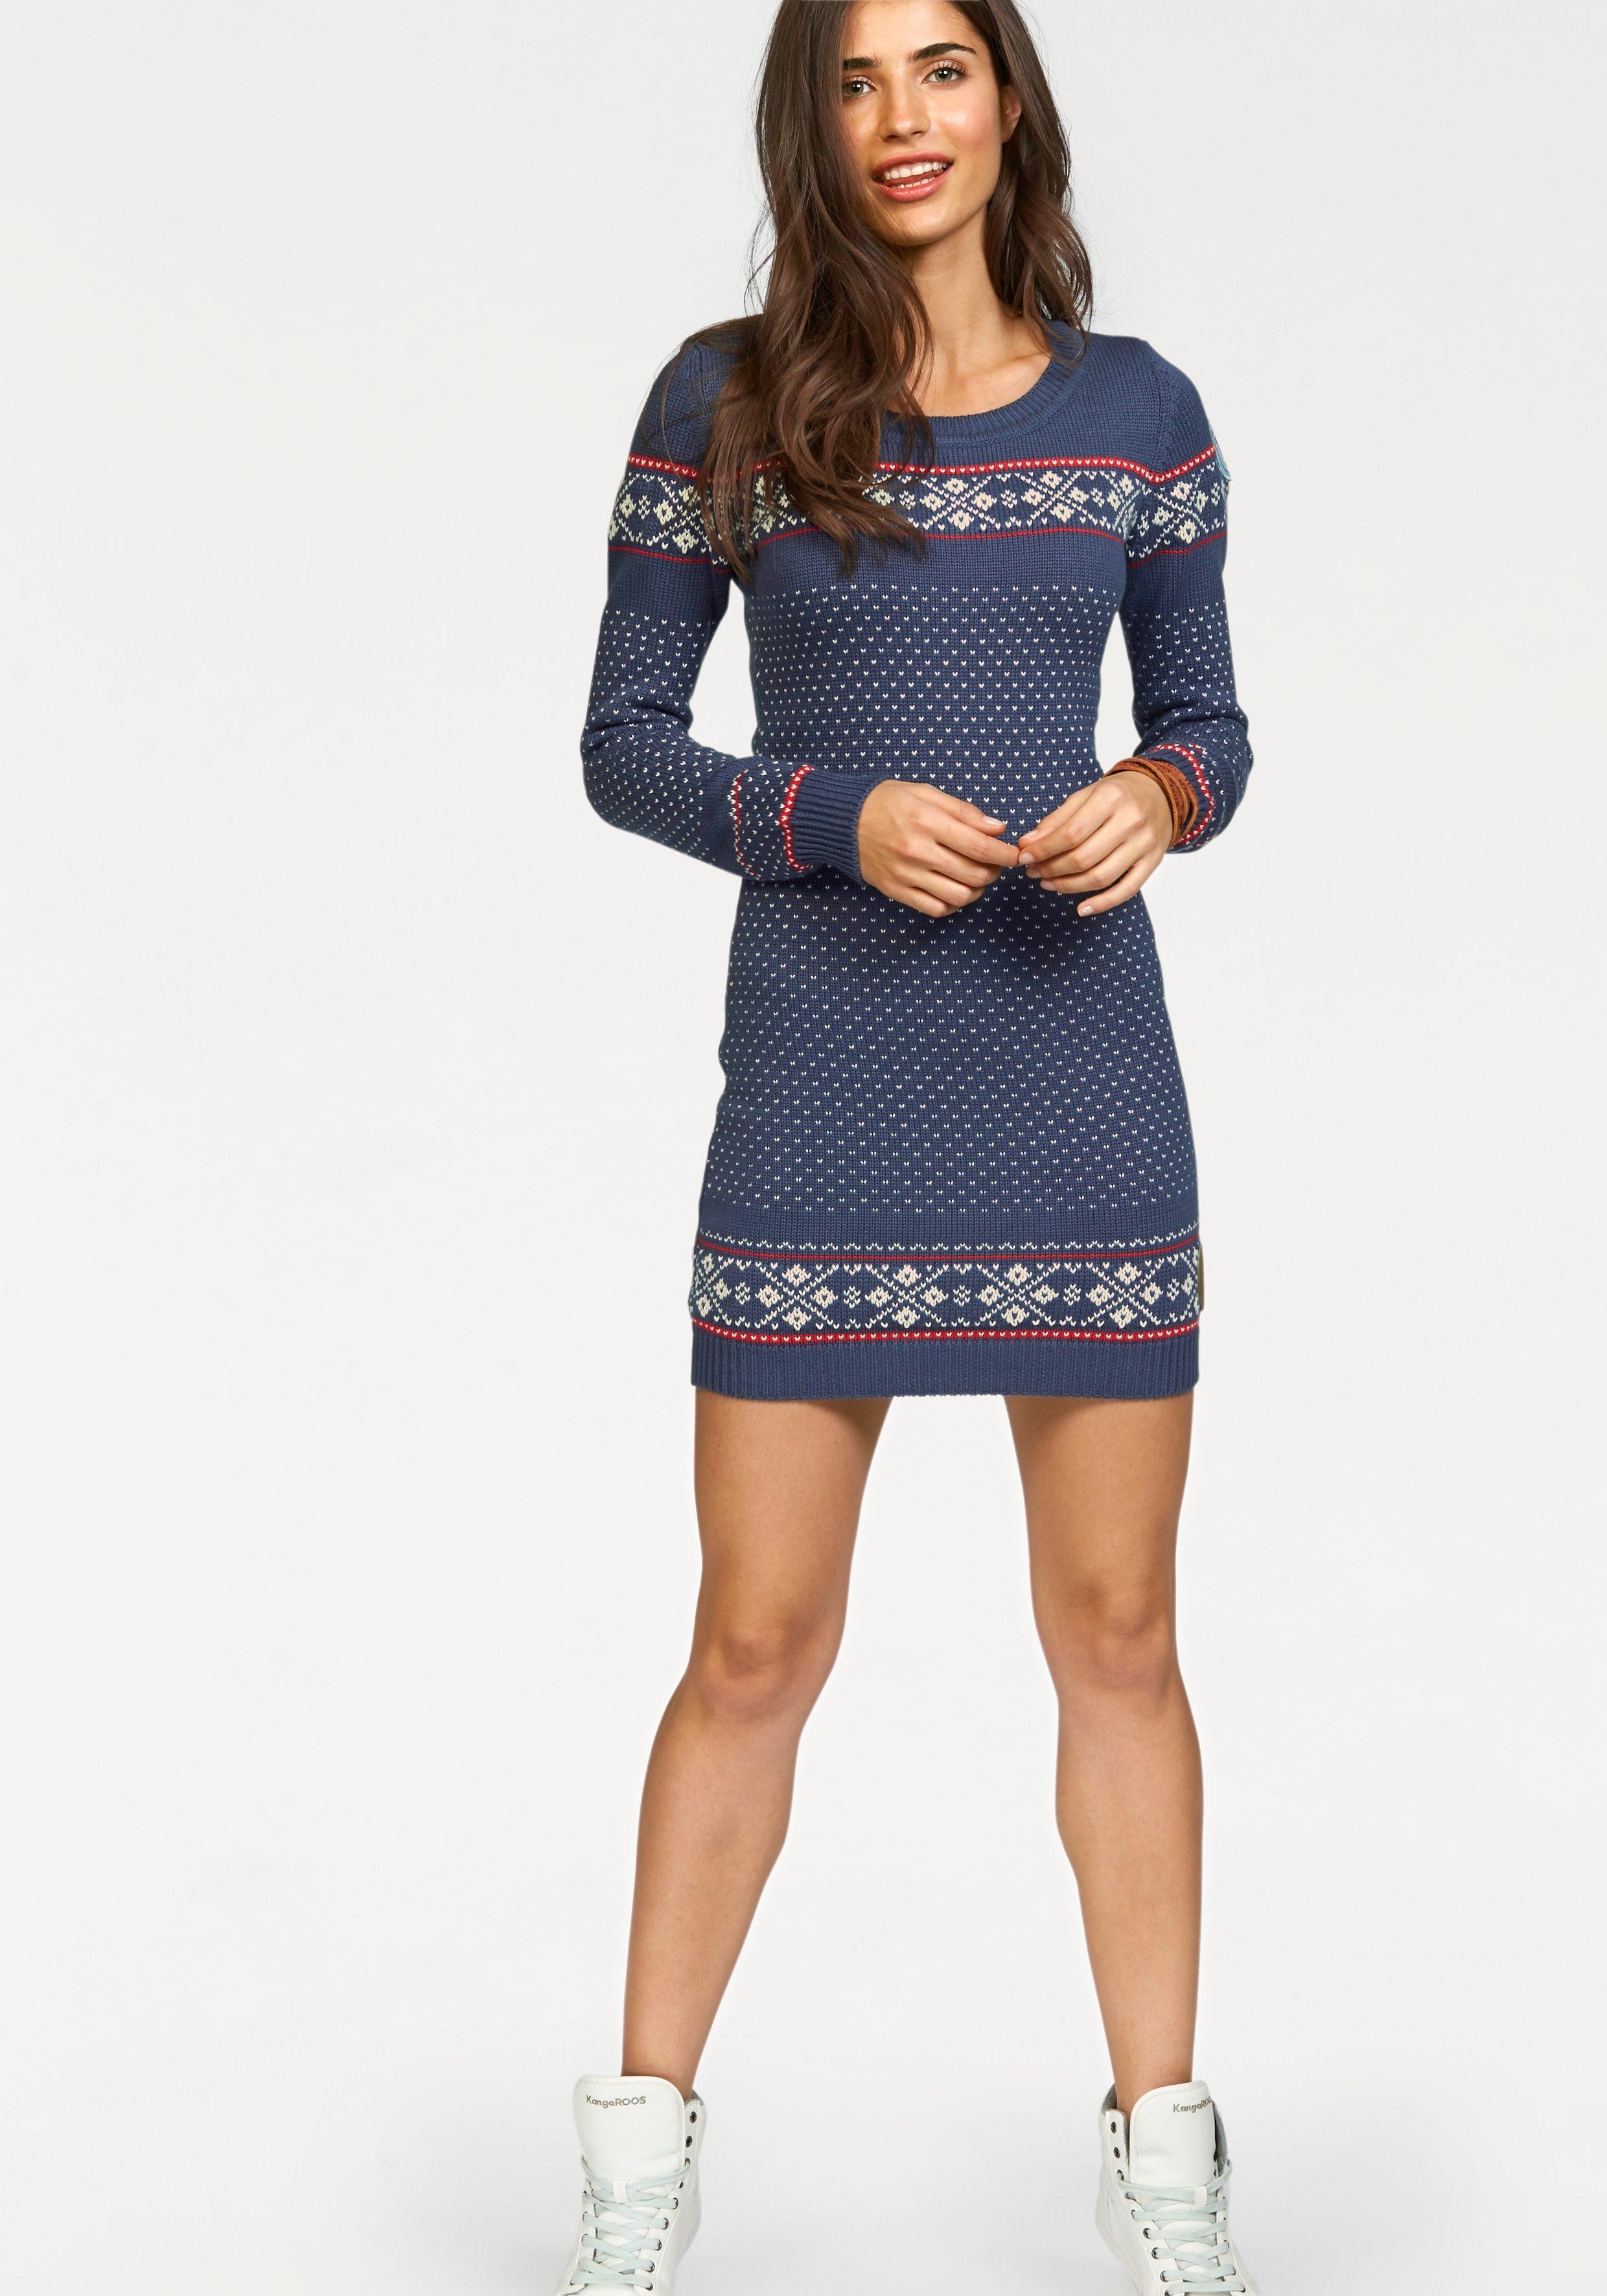 Gebreide jurk met Noors motief bestellen | s.Oliver Online Shop